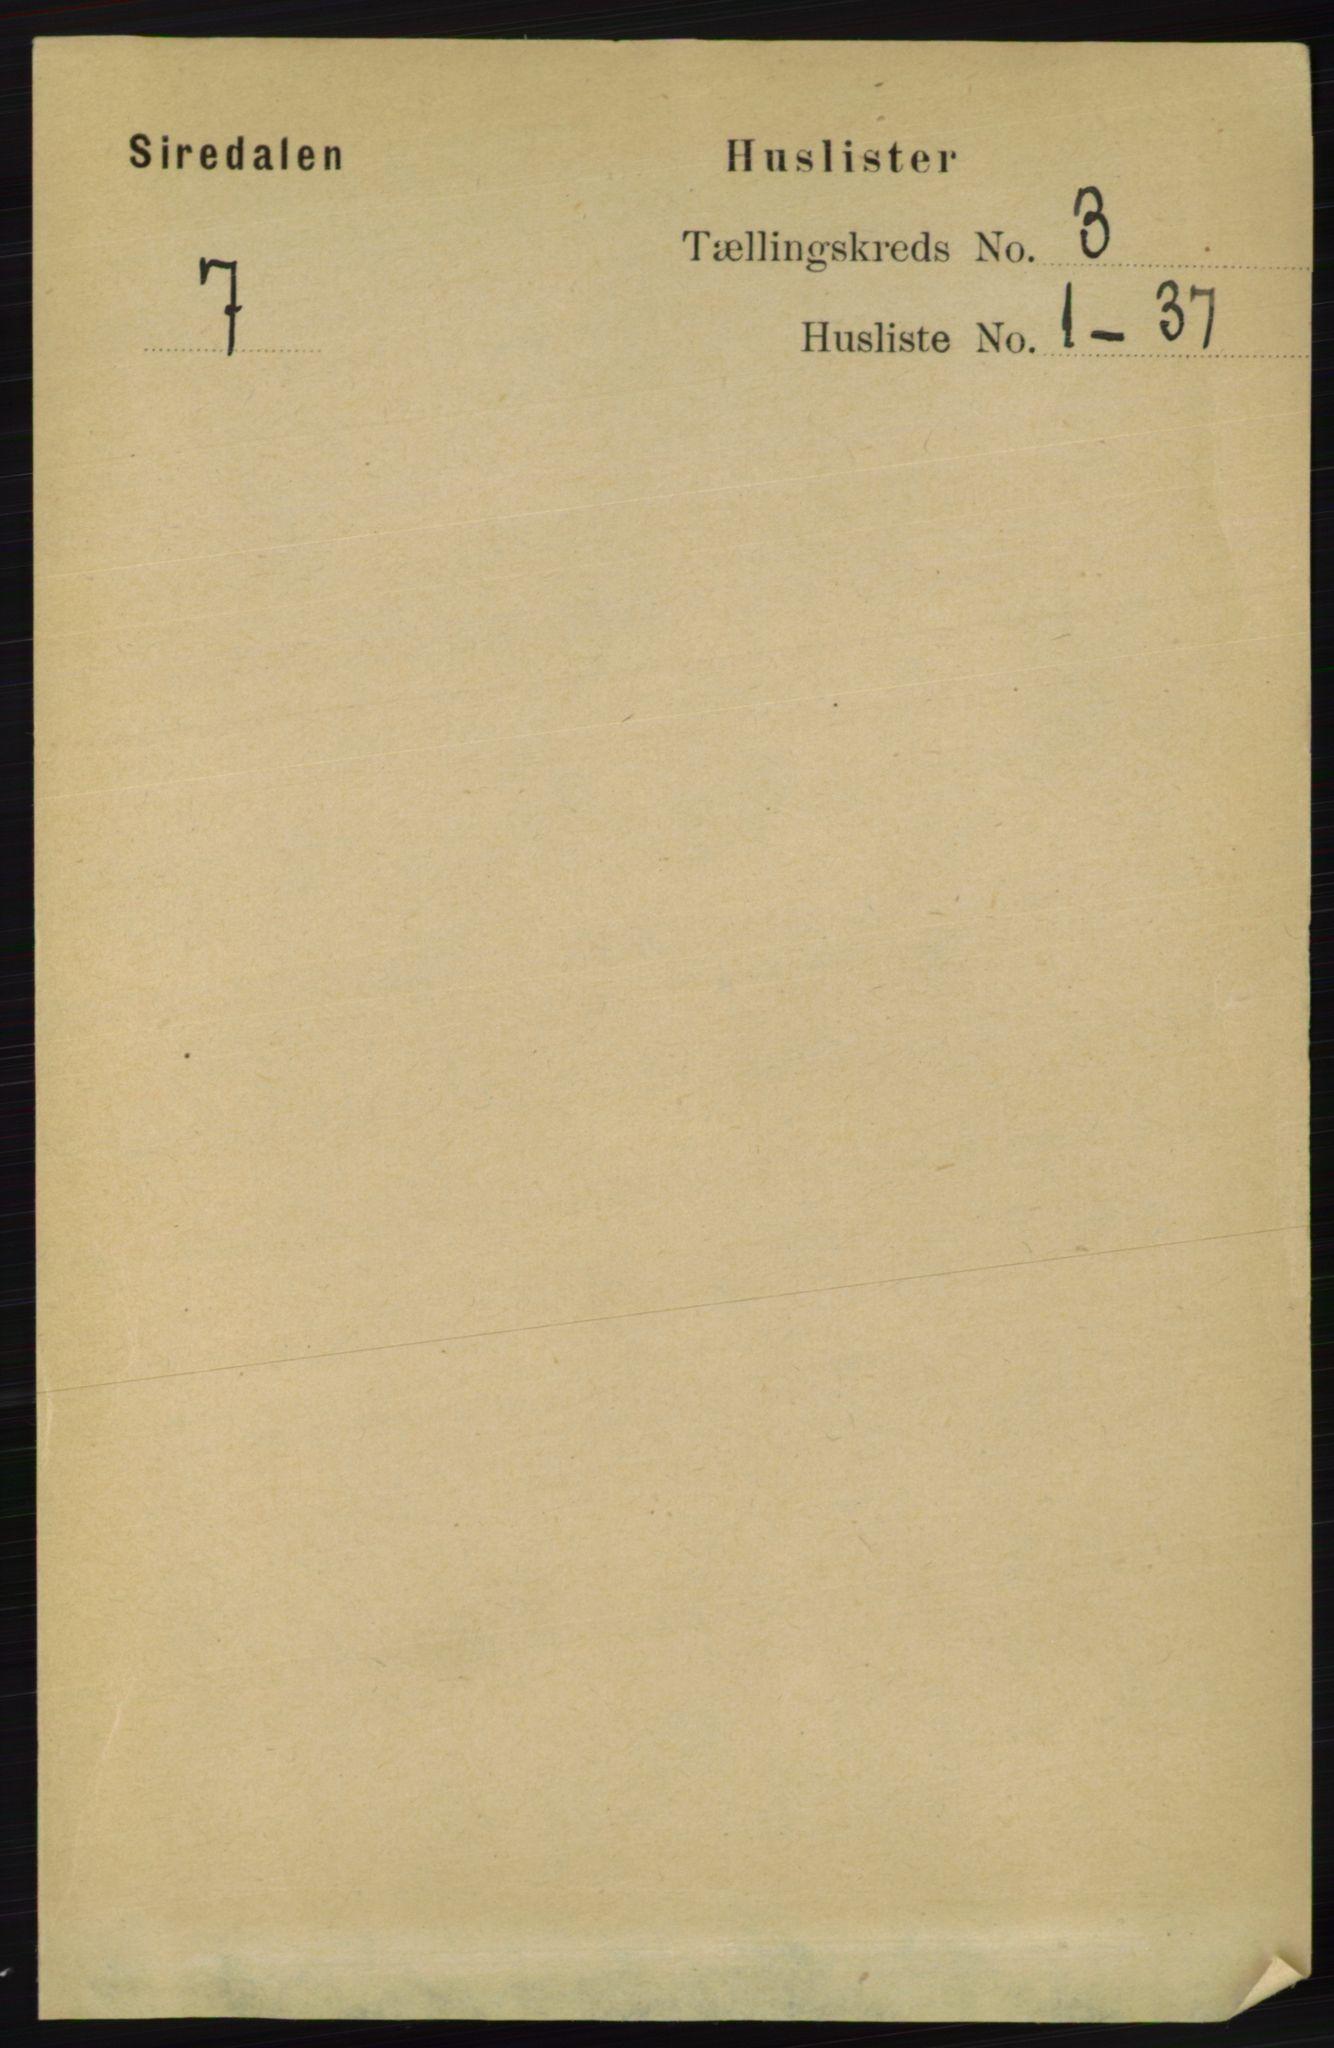 RA, Folketelling 1891 for 1046 Sirdal herred, 1891, s. 620